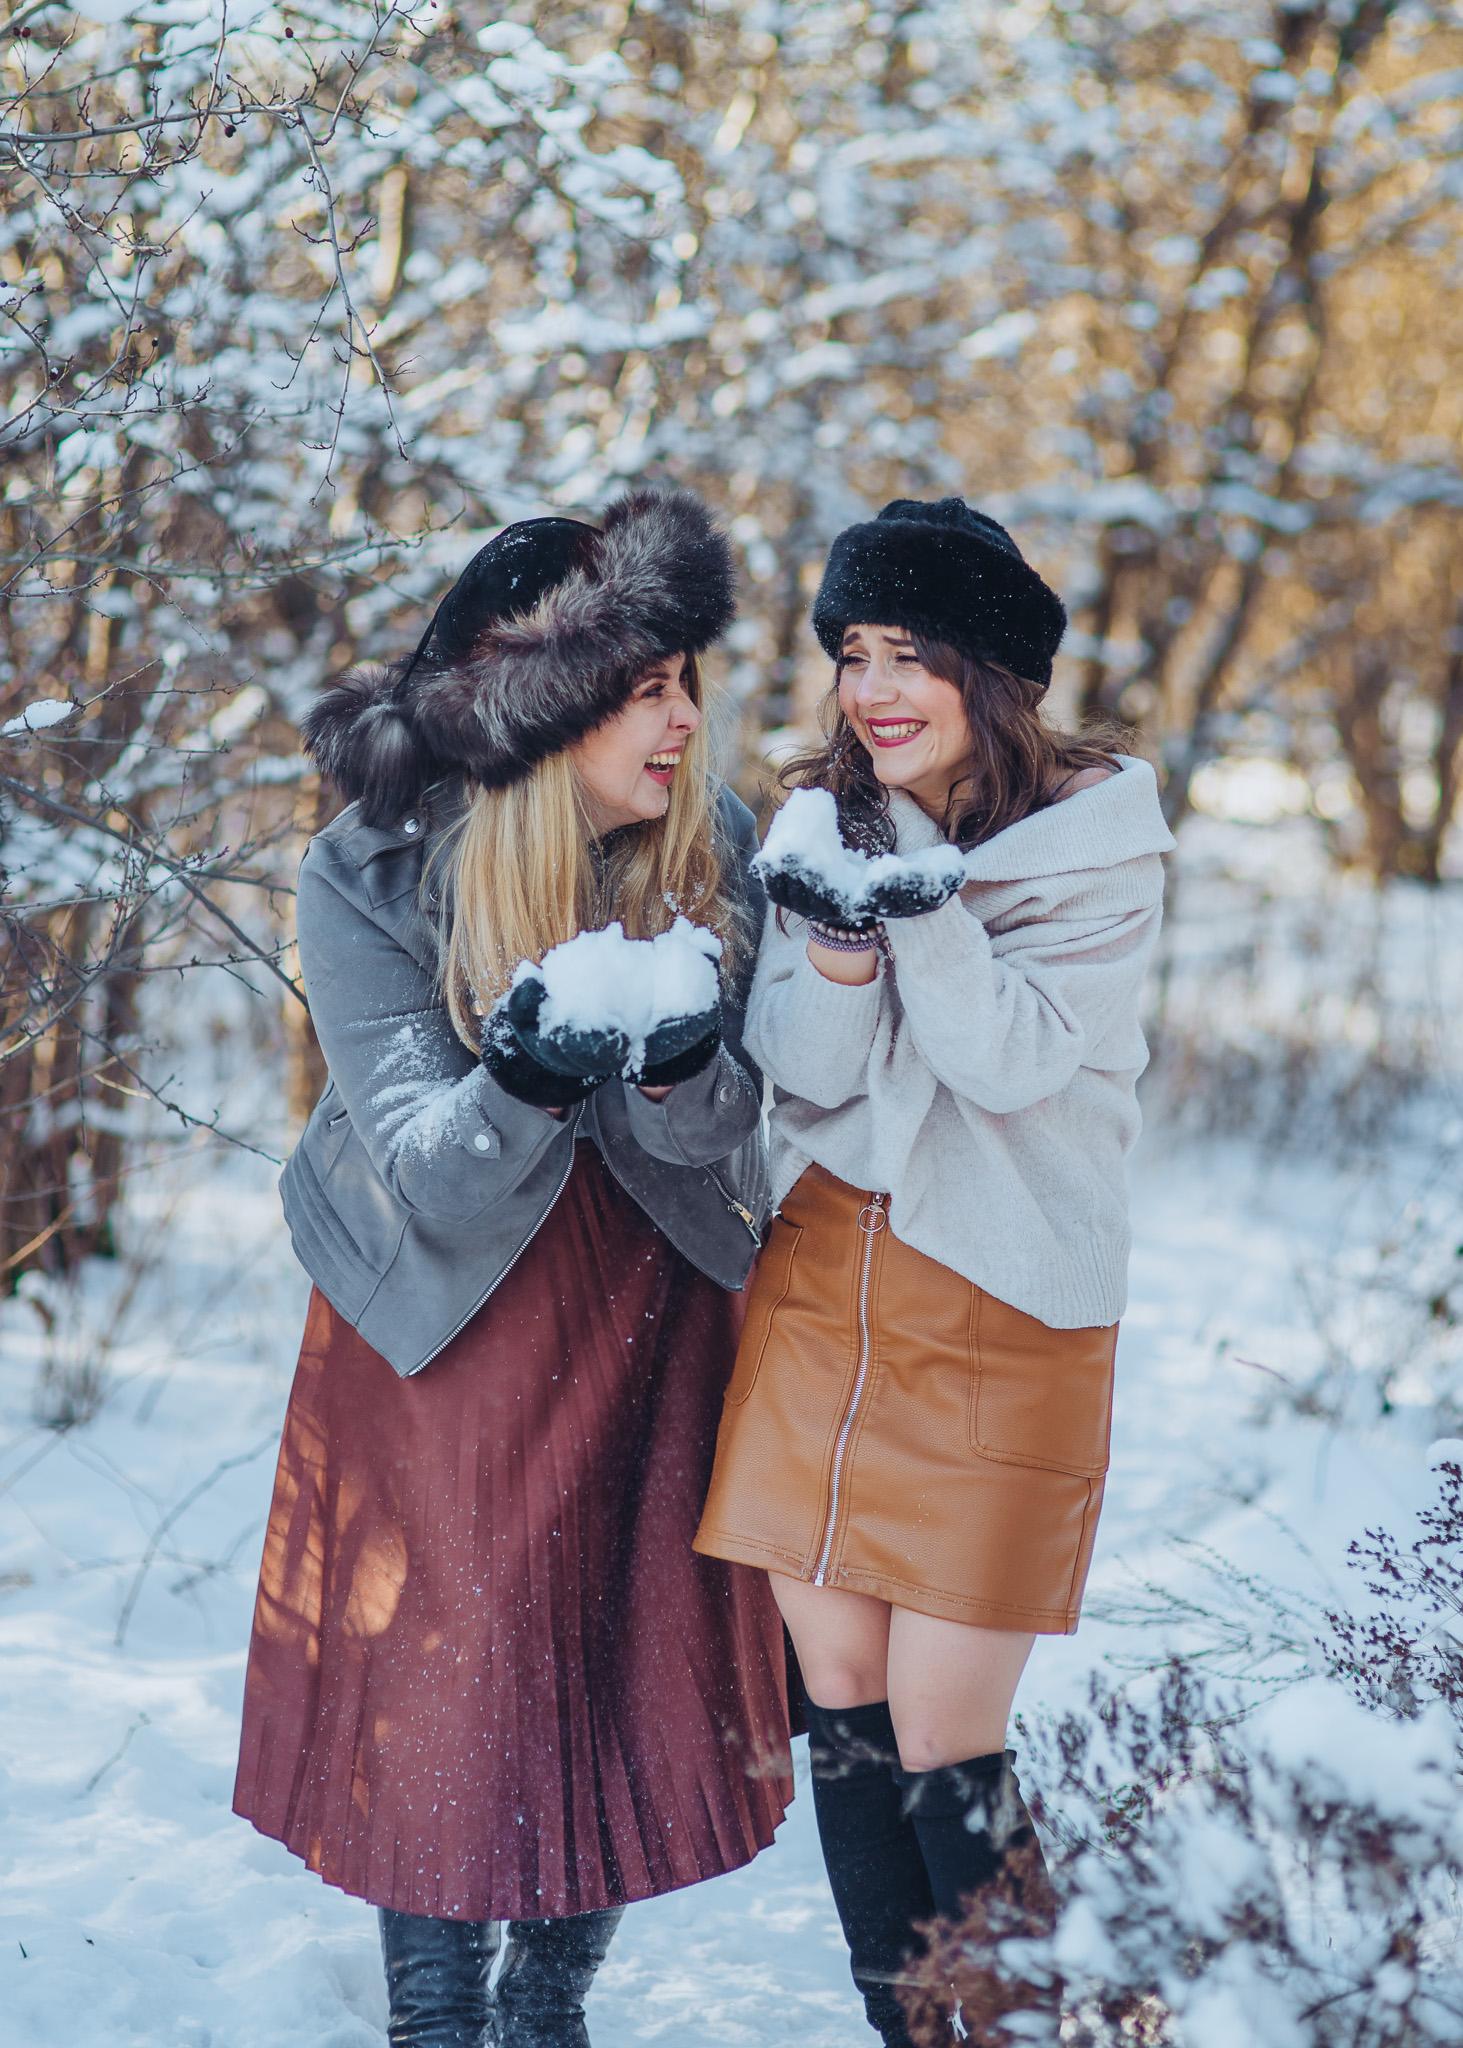 zimowa sesja przyjaciółek w śniegu warszawa piaseczno konstancin wilanow